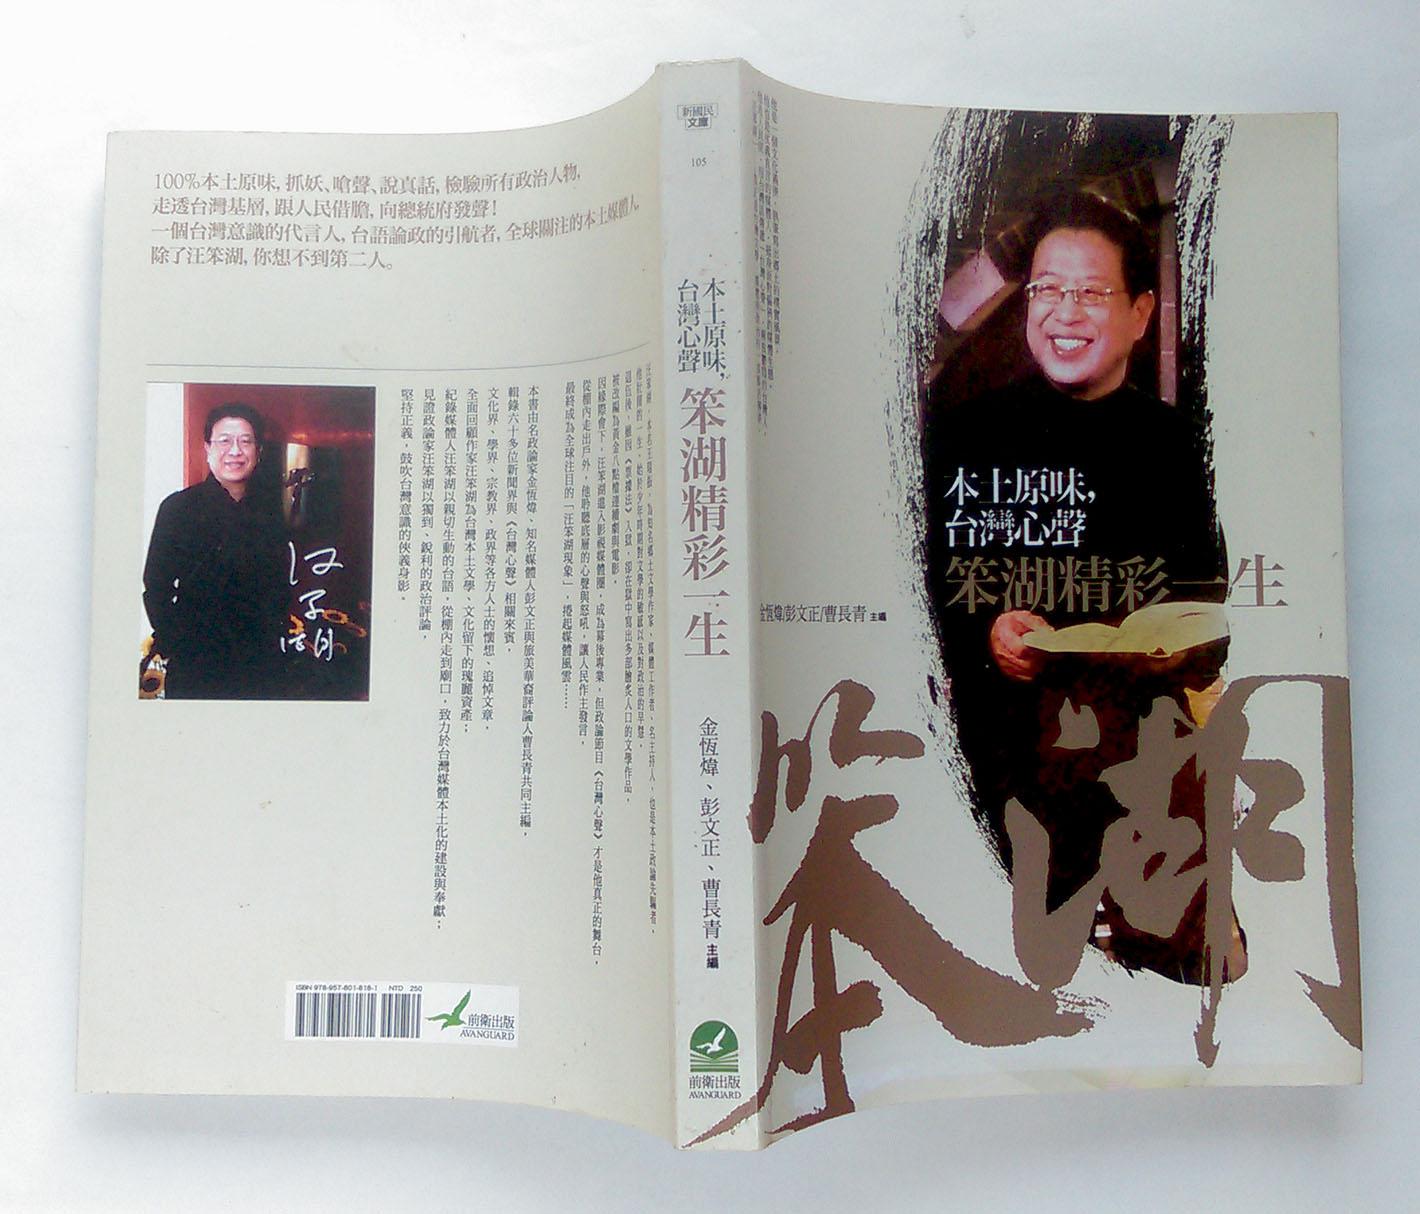 本土原味,台灣心聲:笨湖精彩一生 / 金恆煒、彭文正、曹長青 / 前衛